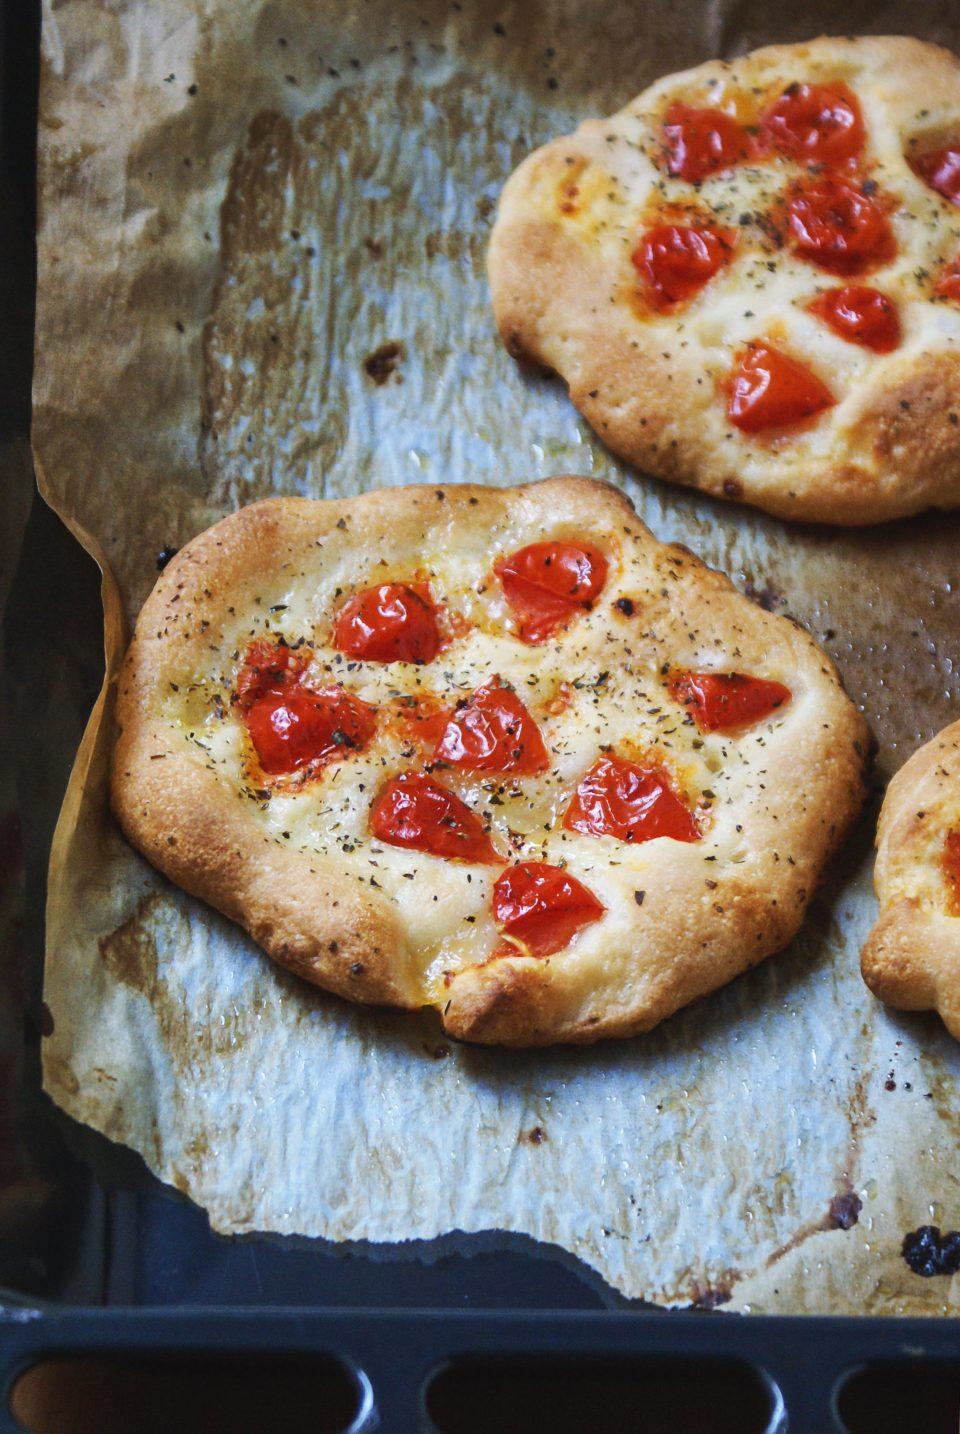 Pizzette senza glutine con pomodori, origano e sale grosso